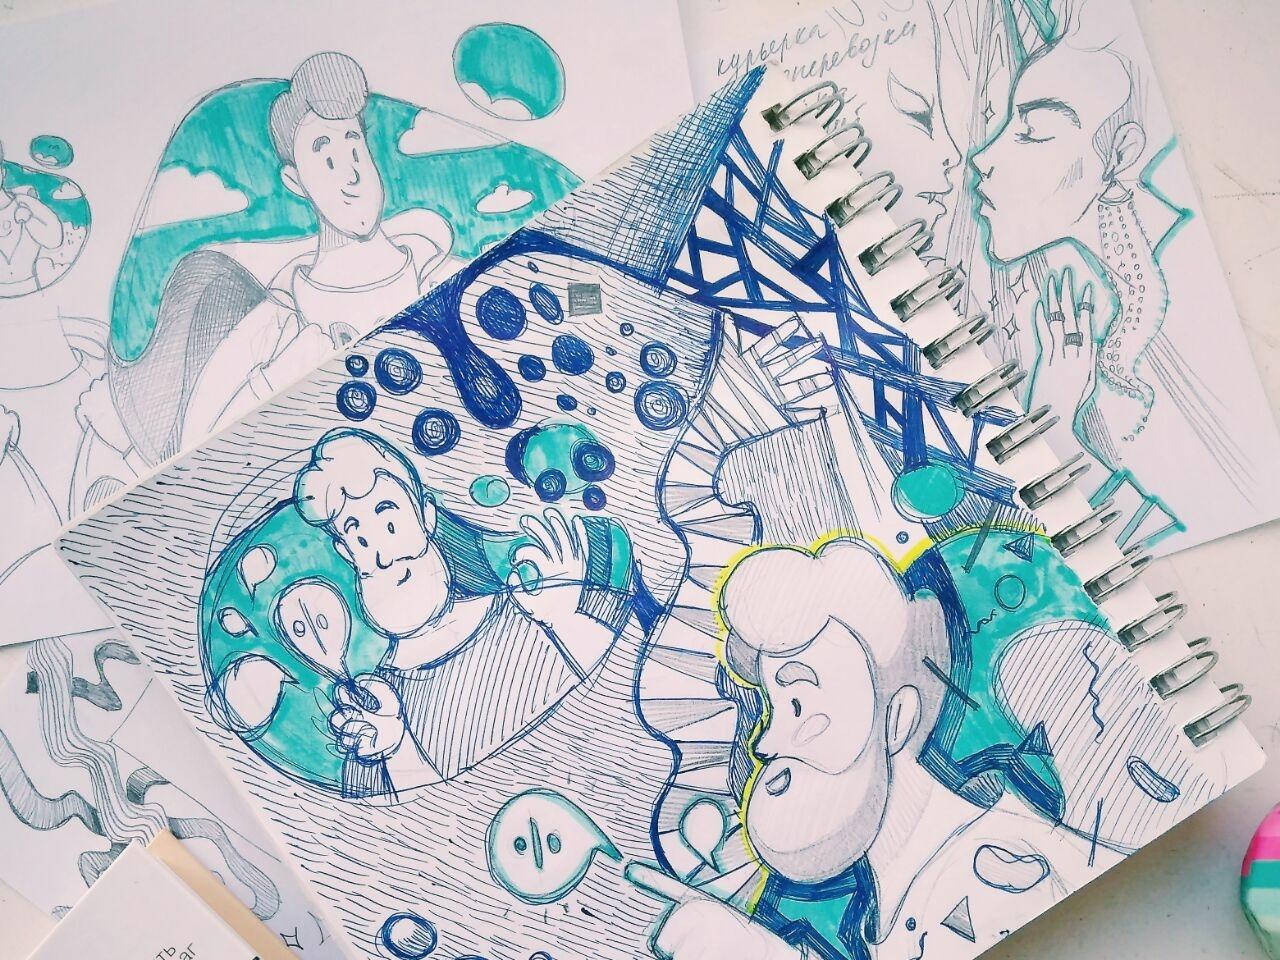 Sketch Time! sketchbook paper sketch pen drawing web illustration illustrator artwork illustration drawing character design character art character art